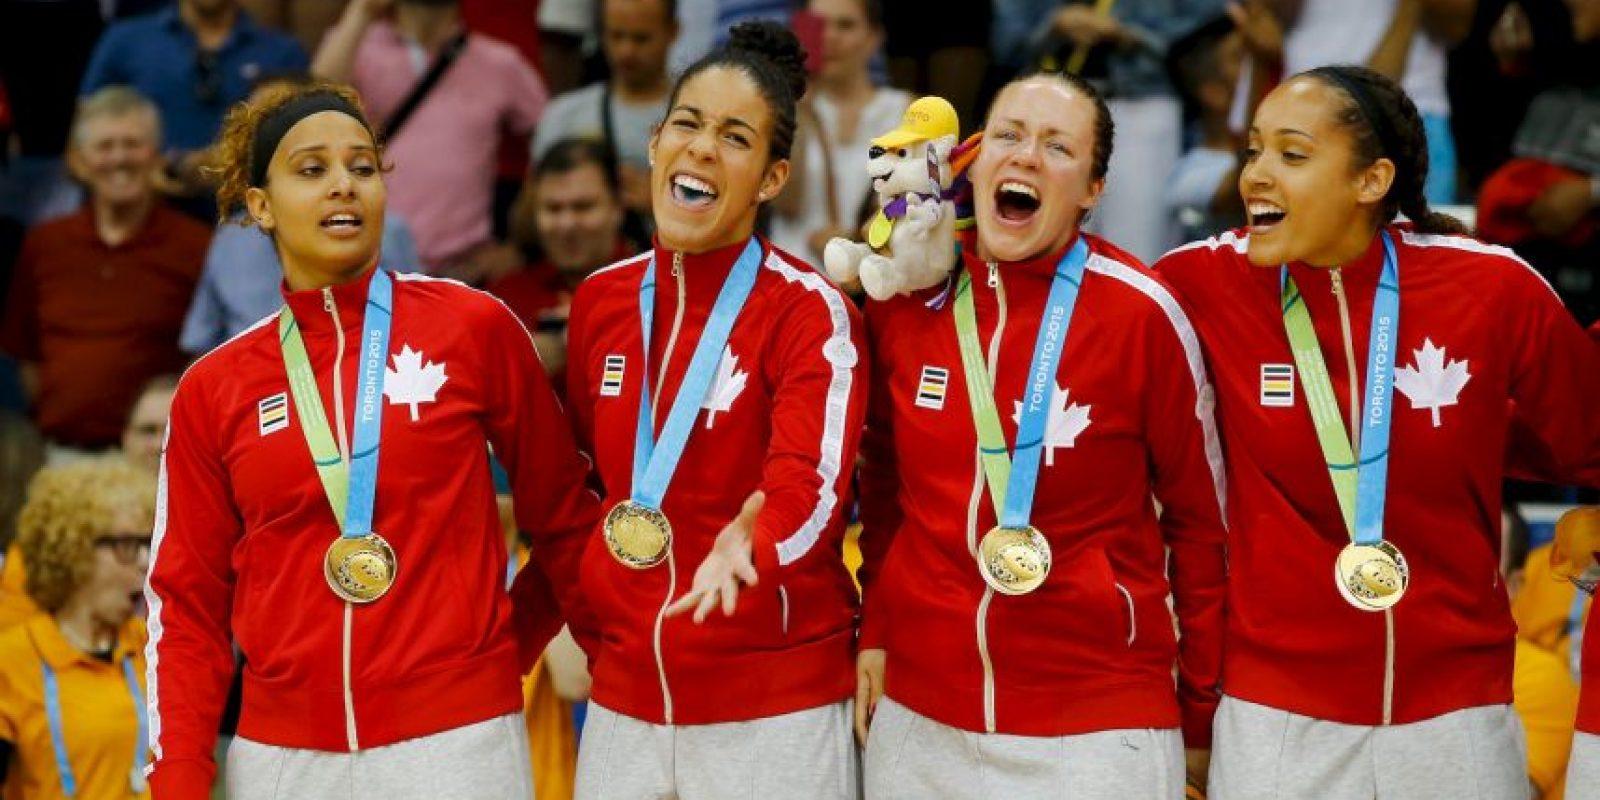 Canadá ganó 217 medallas, de las cuales 78 fueron doradas, 69 de plata y 70 de bronce Foto:Getty Images